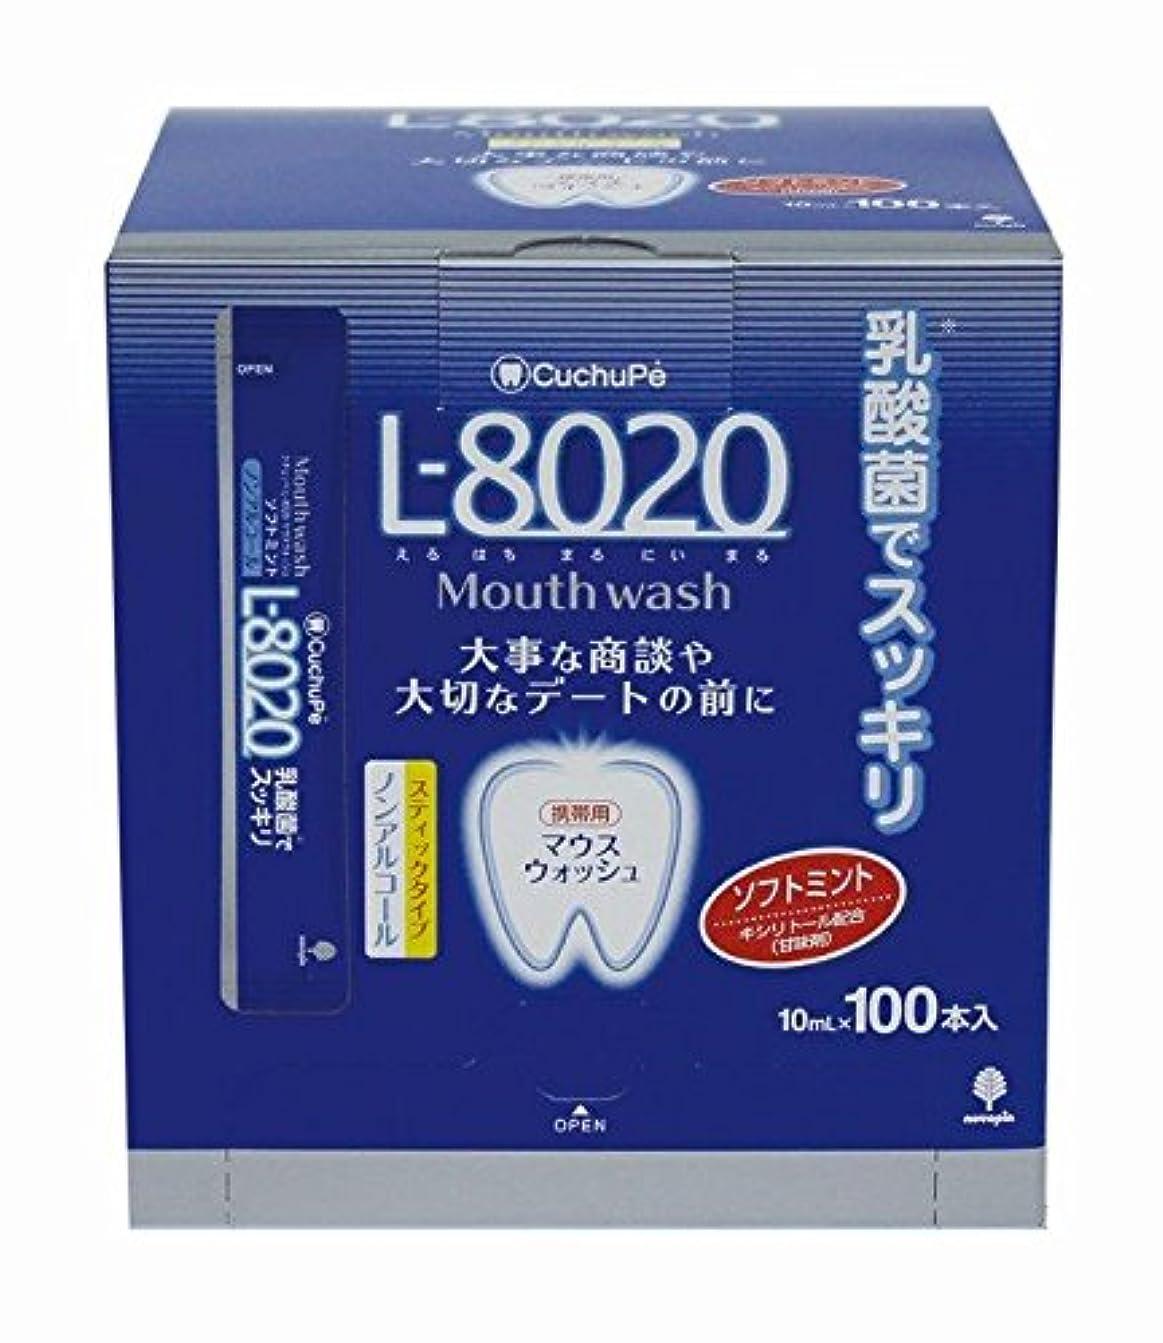 復活するドーム敵意紀陽除虫菊 マウスウォッシュ クチュッペ L-8020 ソフトミント スティックタイプ 100本入